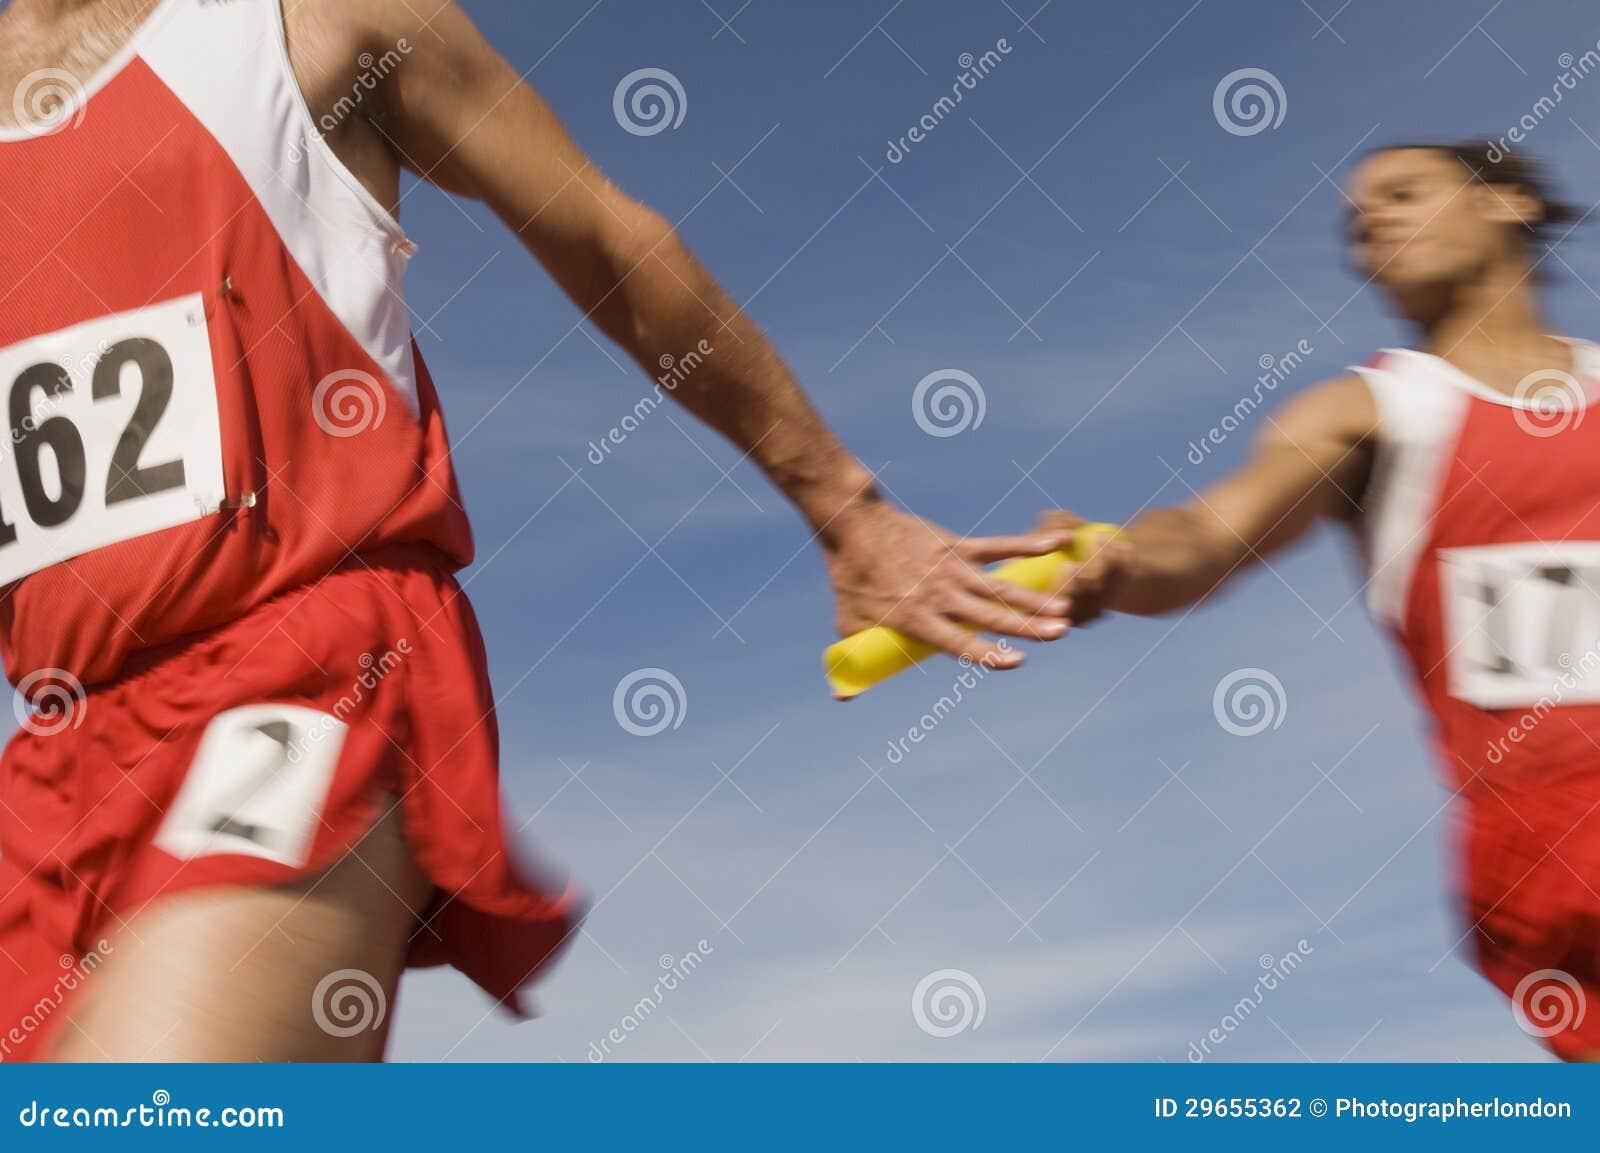 Athlètes passant le bâton dans la course de relais